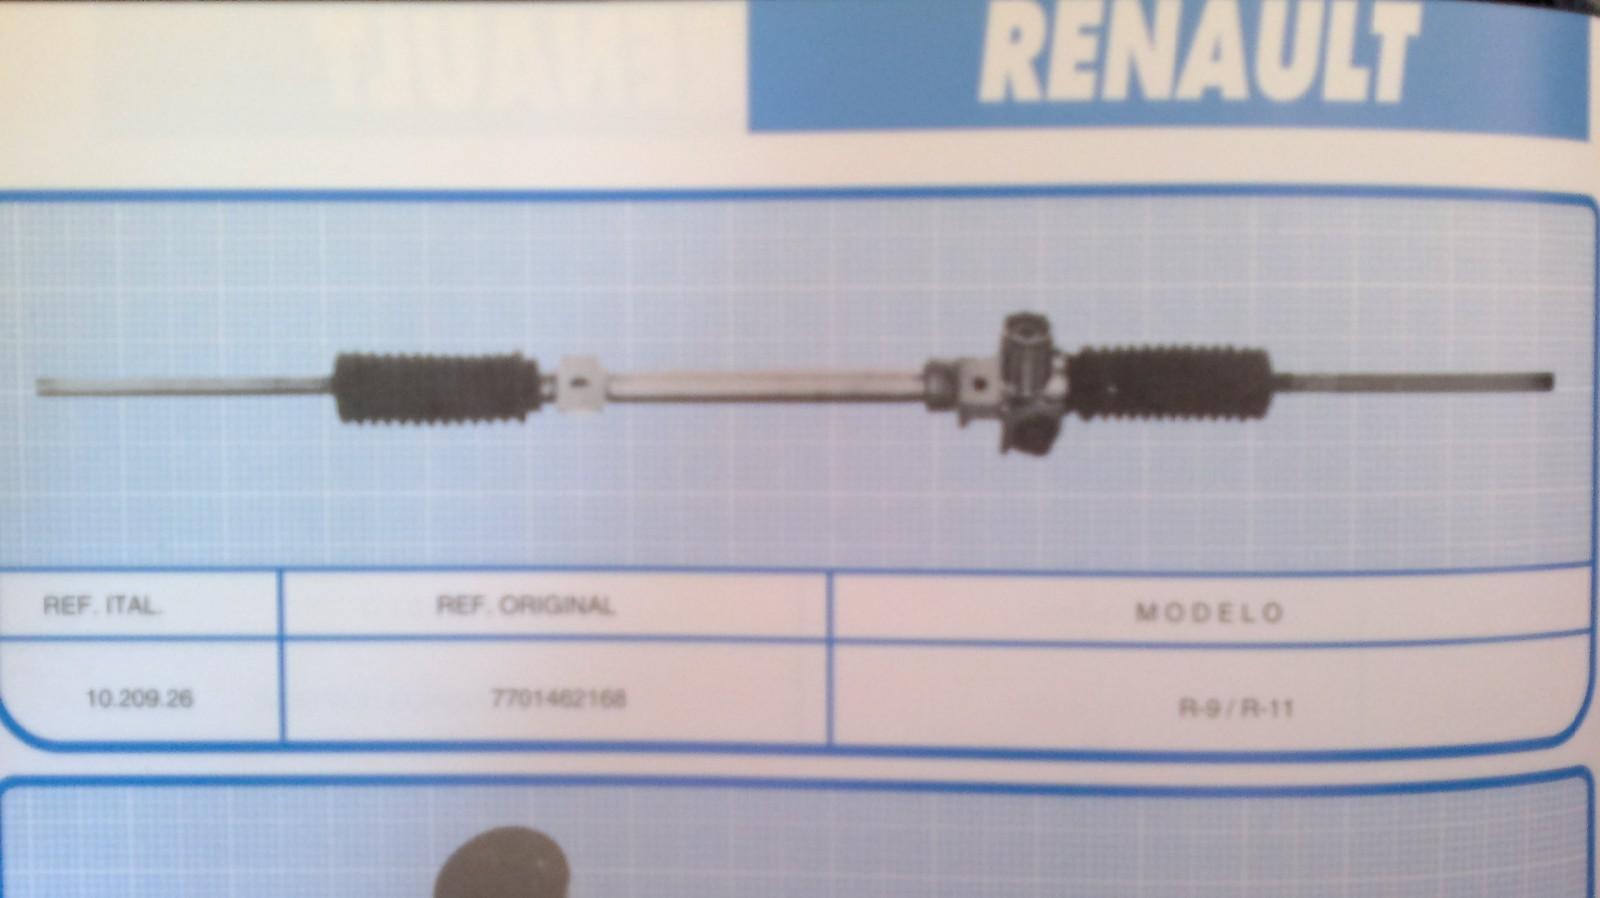 Direccion Renault 9 y 11